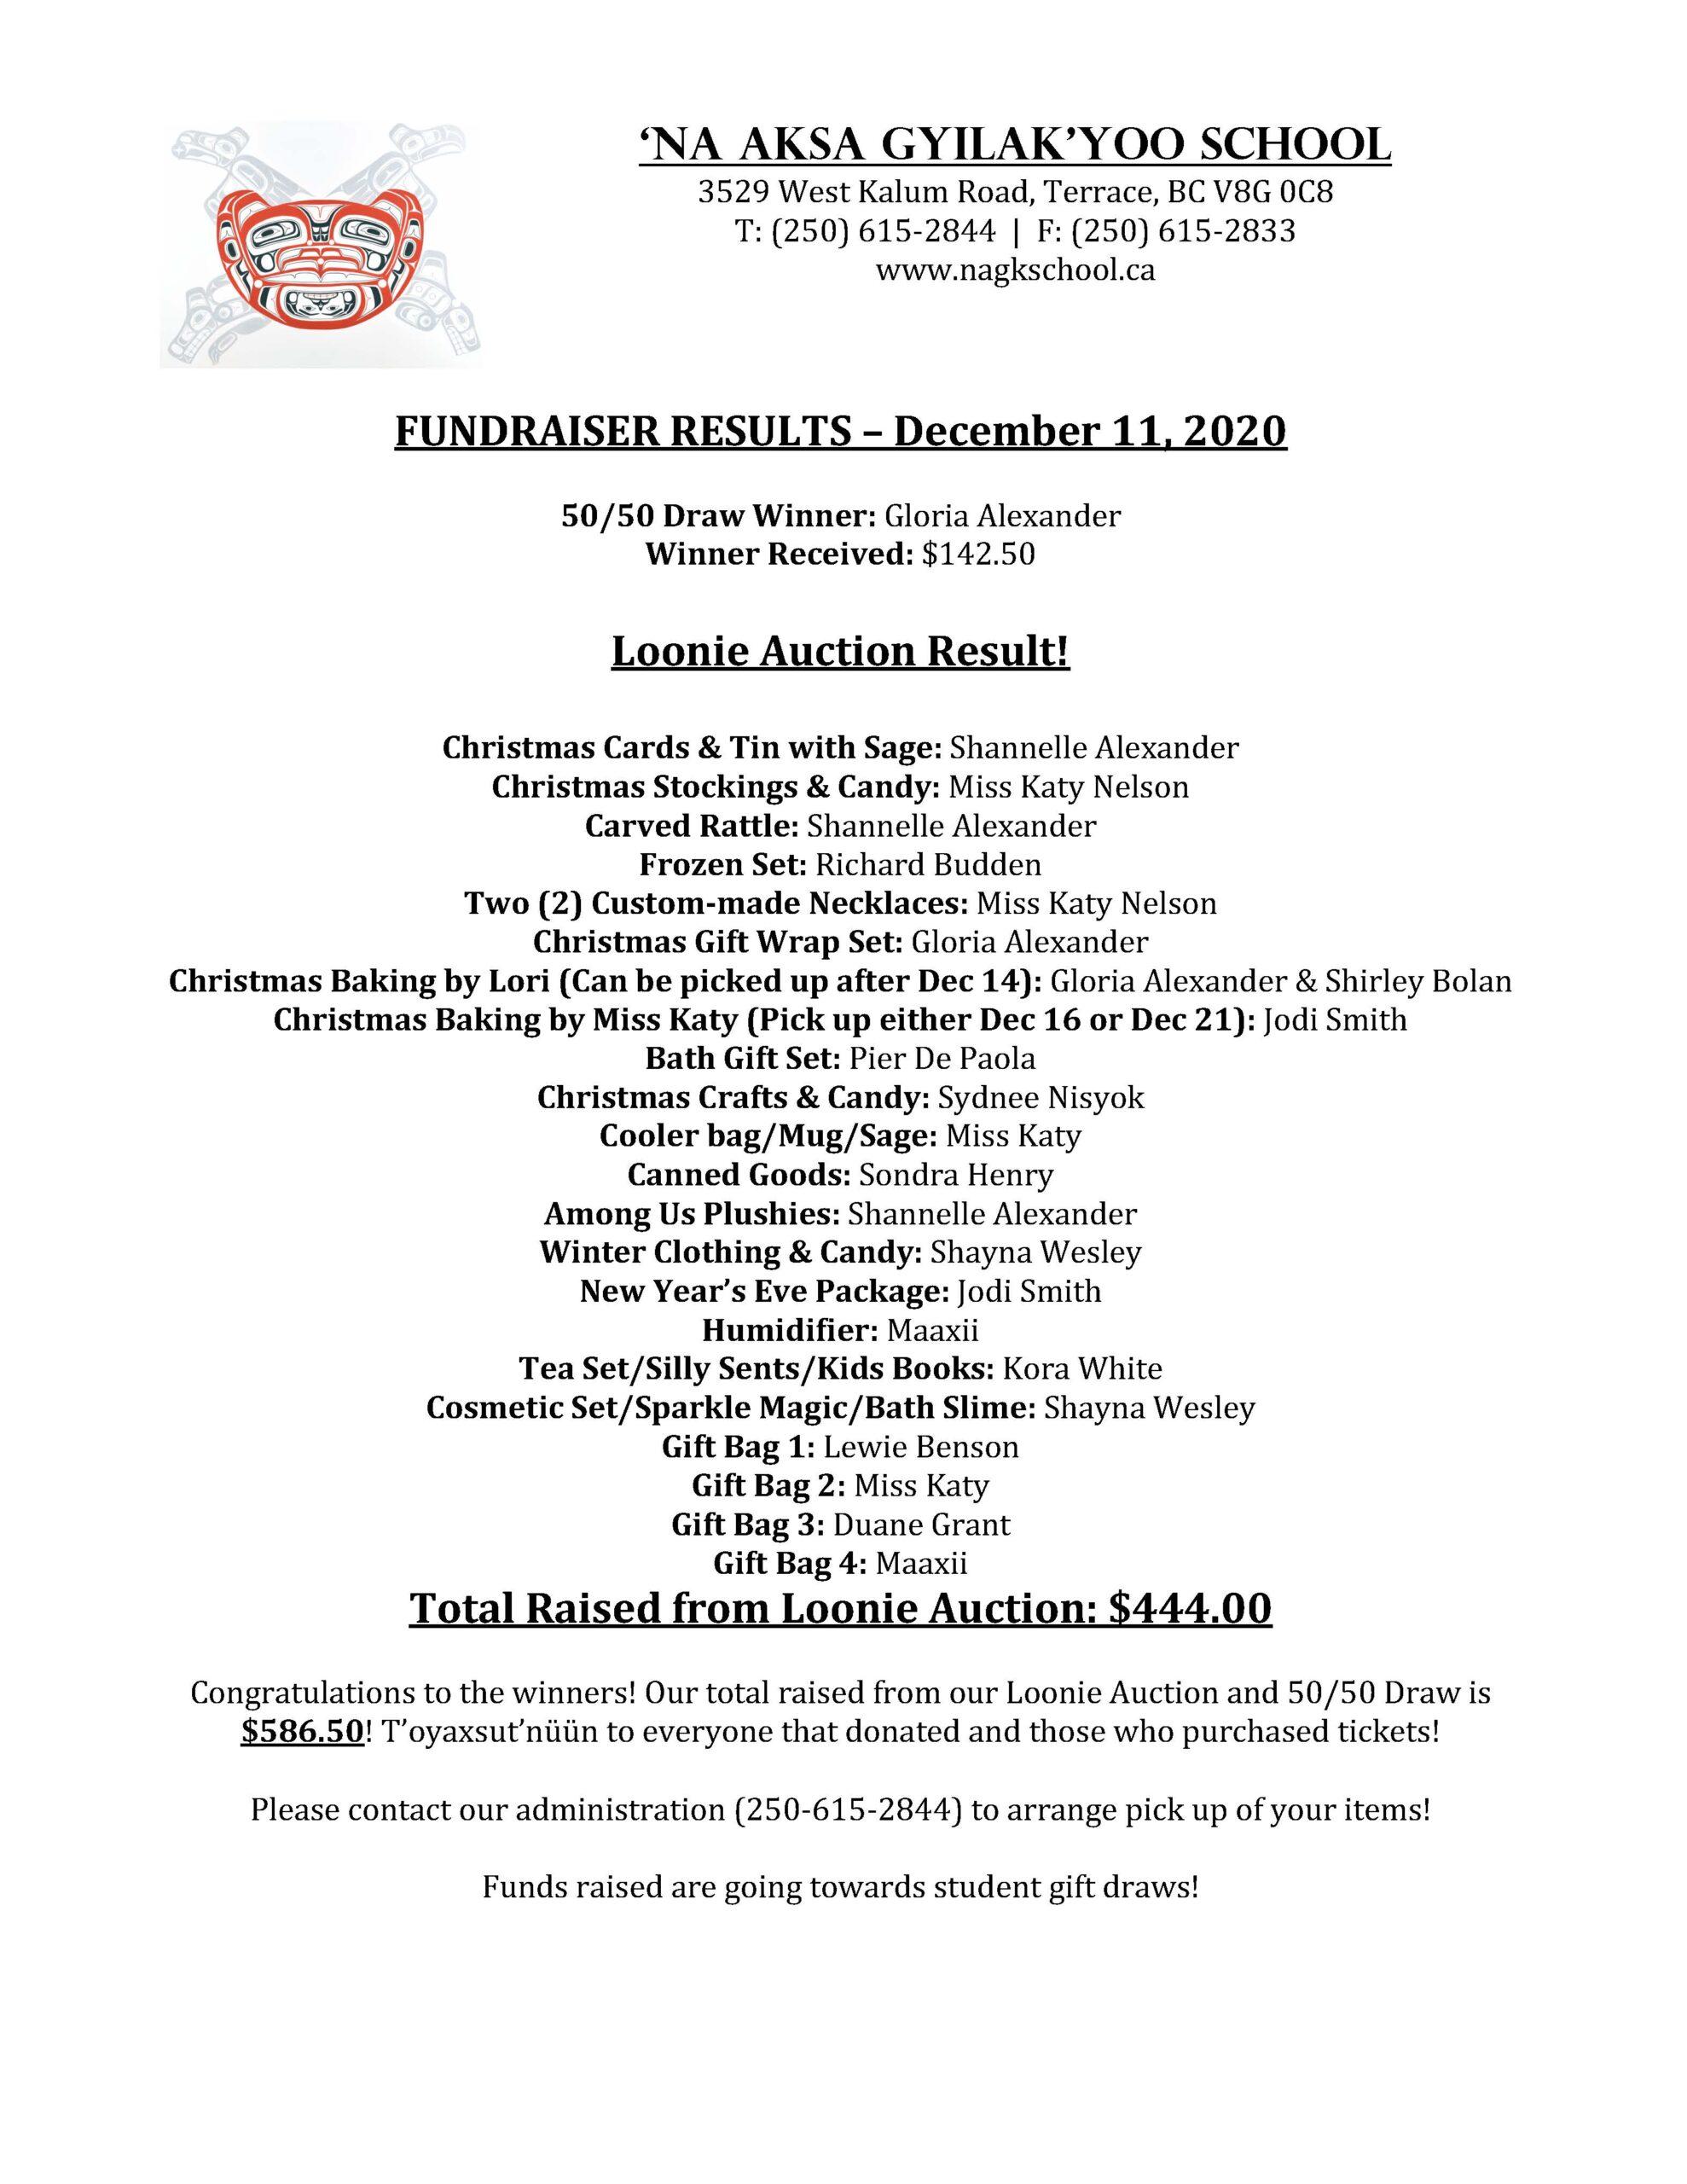 December 11, 2020 Fundraiser Results